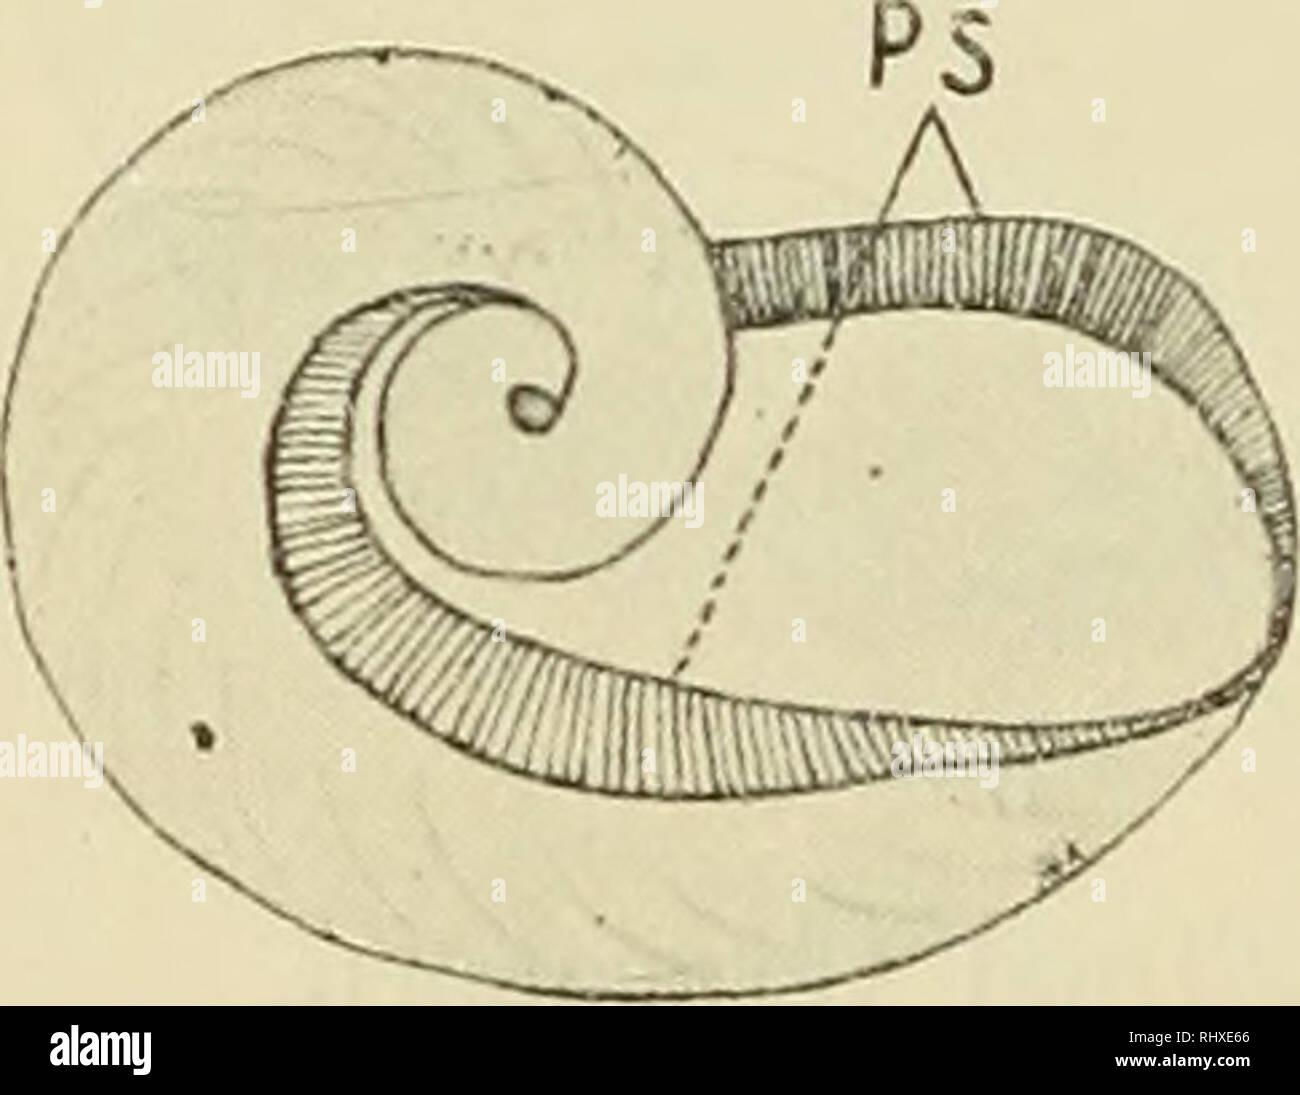 . Beiträge zur Kenntnis der einheimischen Vitrinen. Zonitidae; Stylommatophora. Textfig. 6. Schale von Vitrina clongata. a b Textfig. 5 a u. b. Schale von Vitrina clongata. elongata größer und untereinander weiter gestellt; bei V. pellucida an sich kleiner, aber zahlreicher. Bei stärkerer Vergrößerung sieht man, daß jede Vertiefung ein rund begrenztes Feld siebartiger Grübchen darstellt. Das zweite, nächst der Schale charakteristische Gattungsmerkmal der Vitrinen ist die Ausbildung des Mantels. Er scheint in einer funk- tionellen Beziehung zur Schale zu stehen, die bei anderen Gruppen nicht an Stock Photo